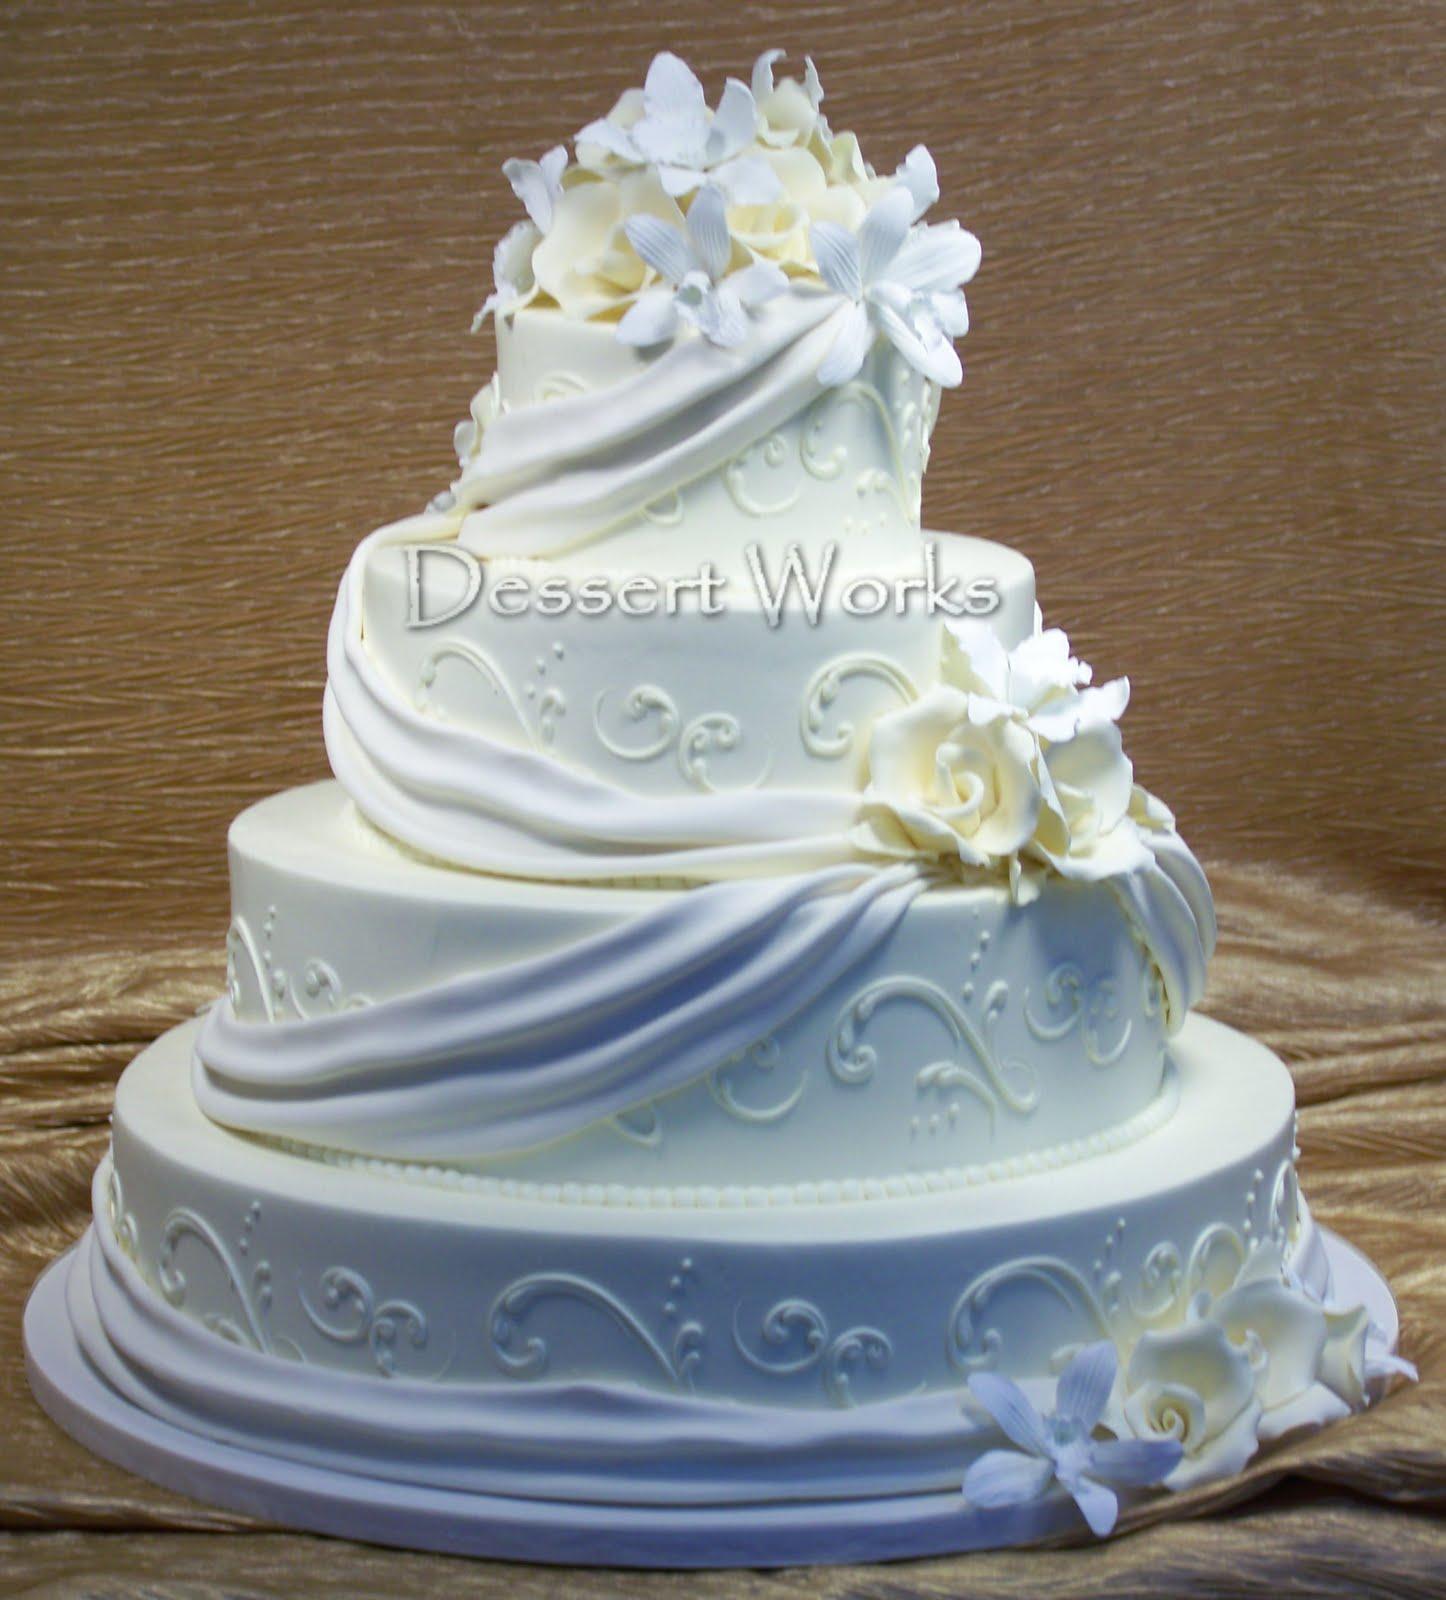 Dessert Works Bakery Classic & Elegant